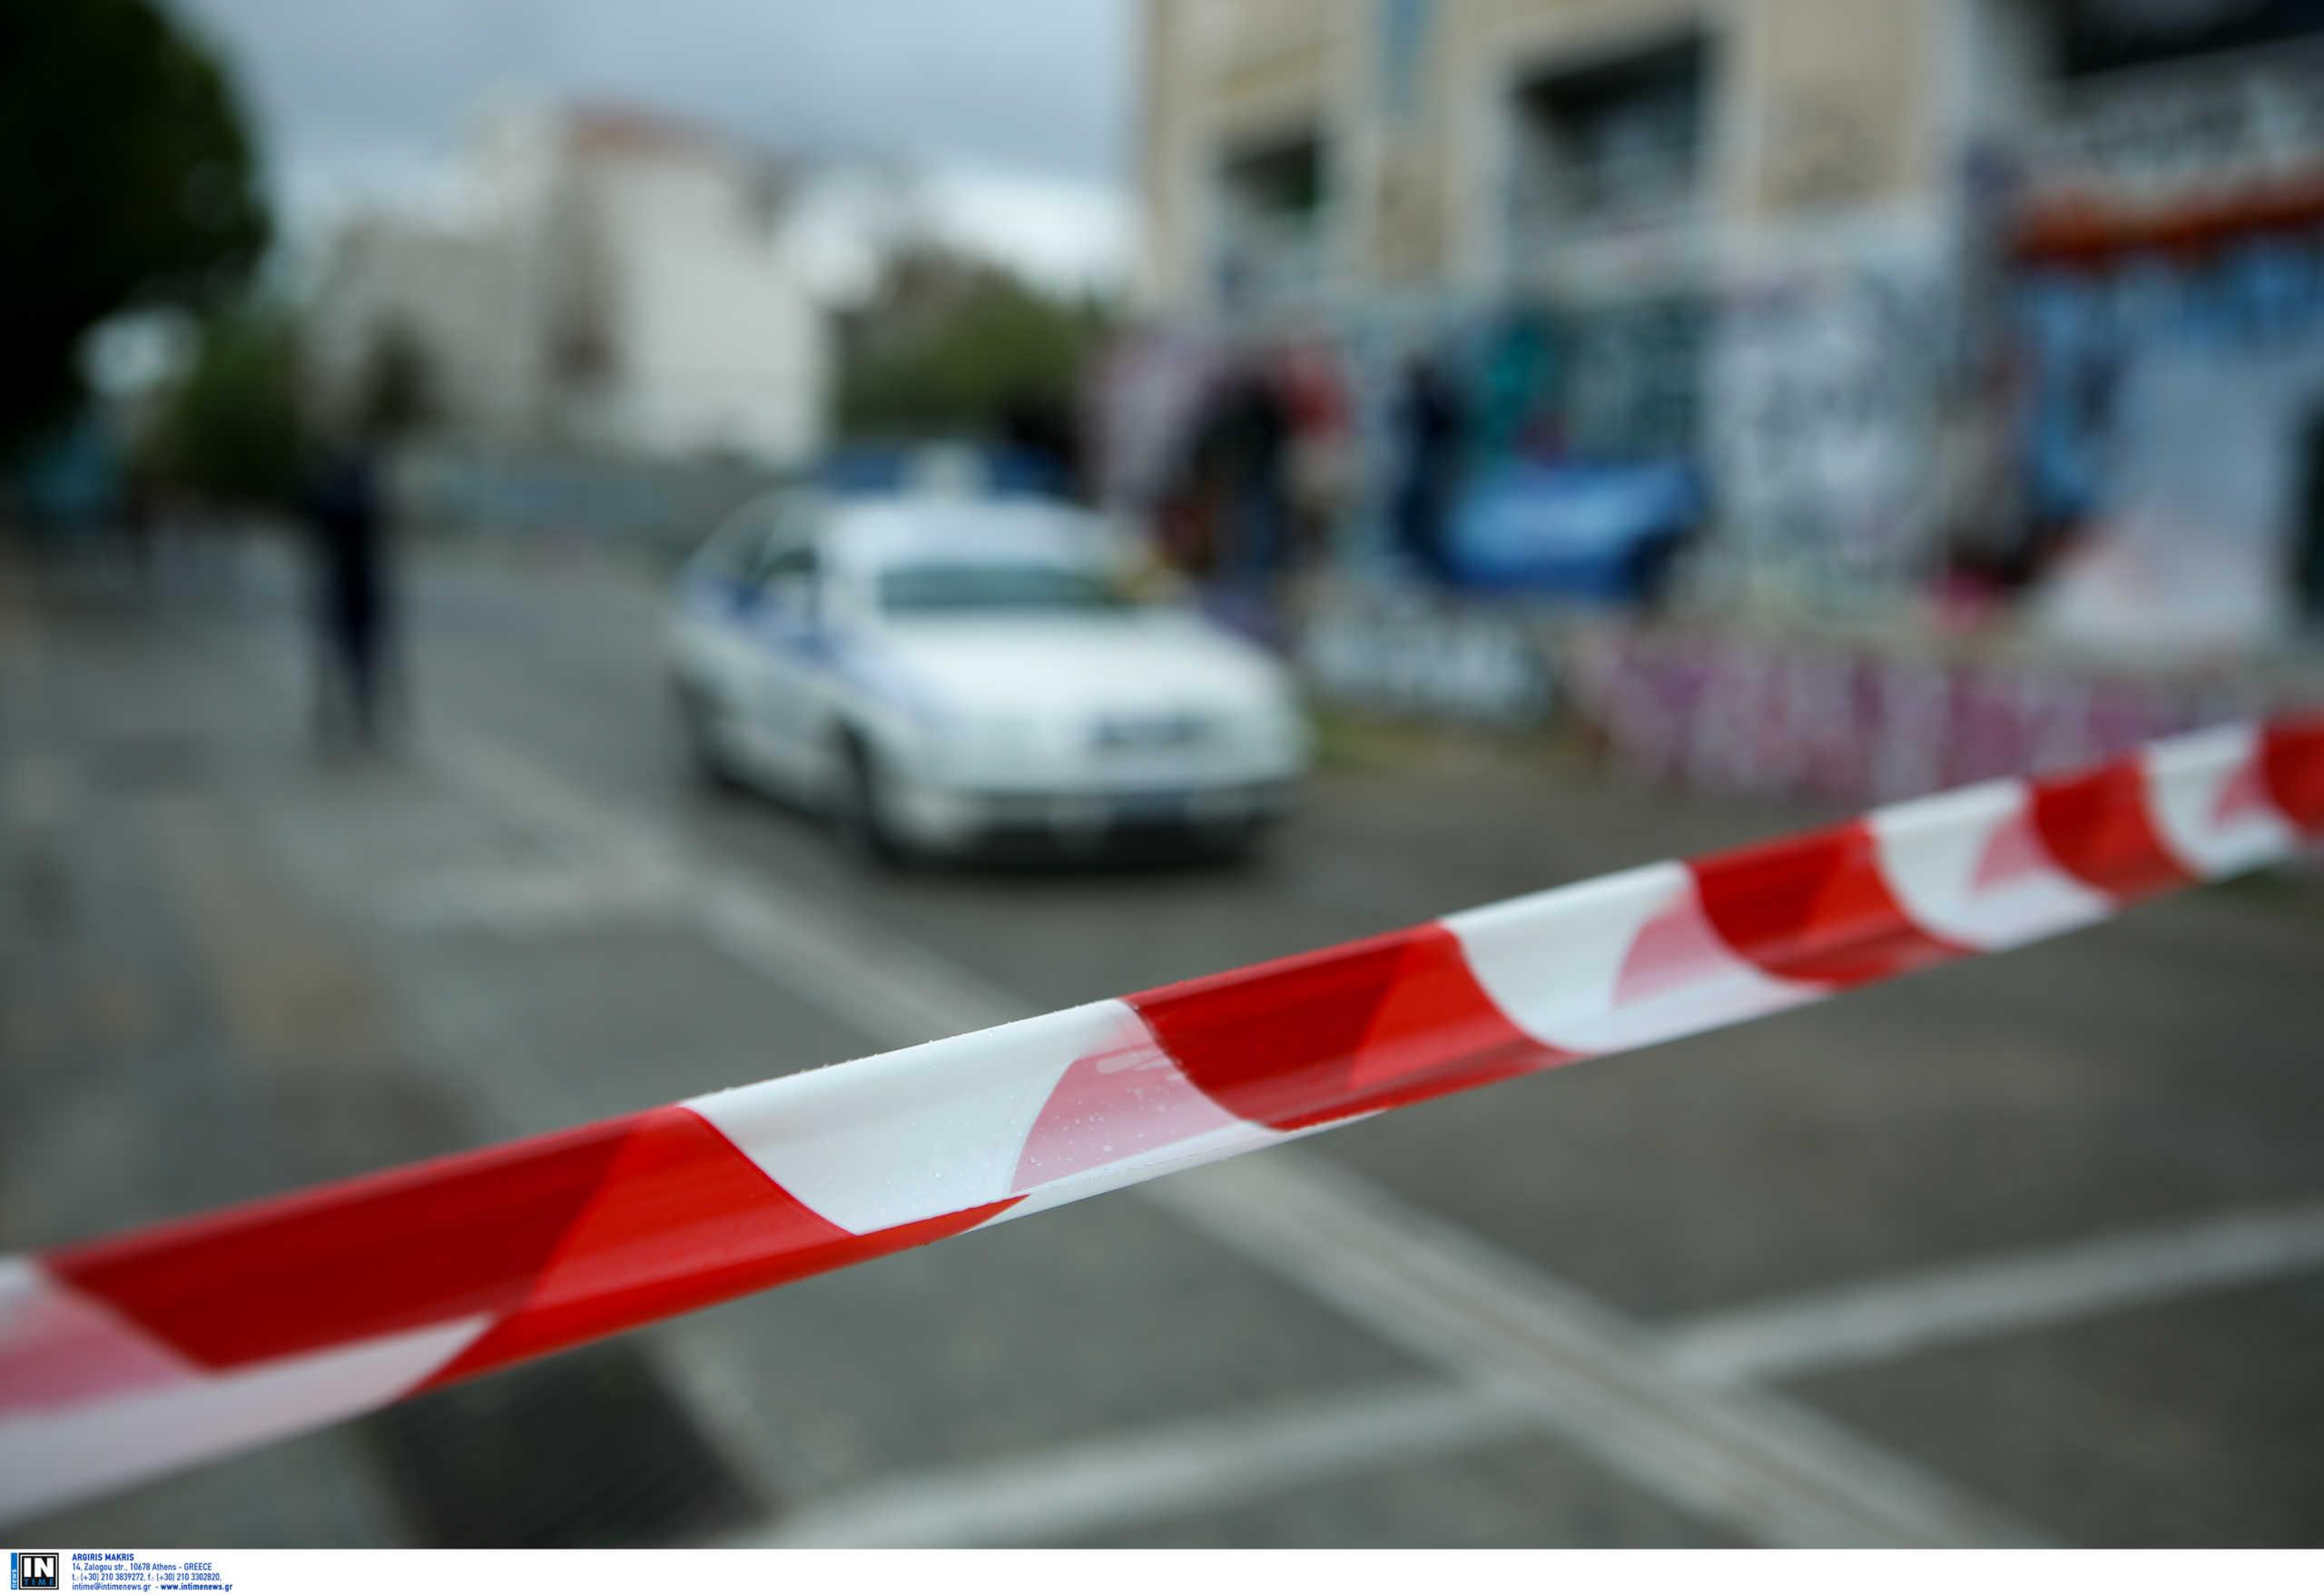 Βοιωτία: Ισόβια για τη δολοφονία εργολάβου! Τον έσφαξαν μέσα στο αυτοκίνητο που οδηγούσε